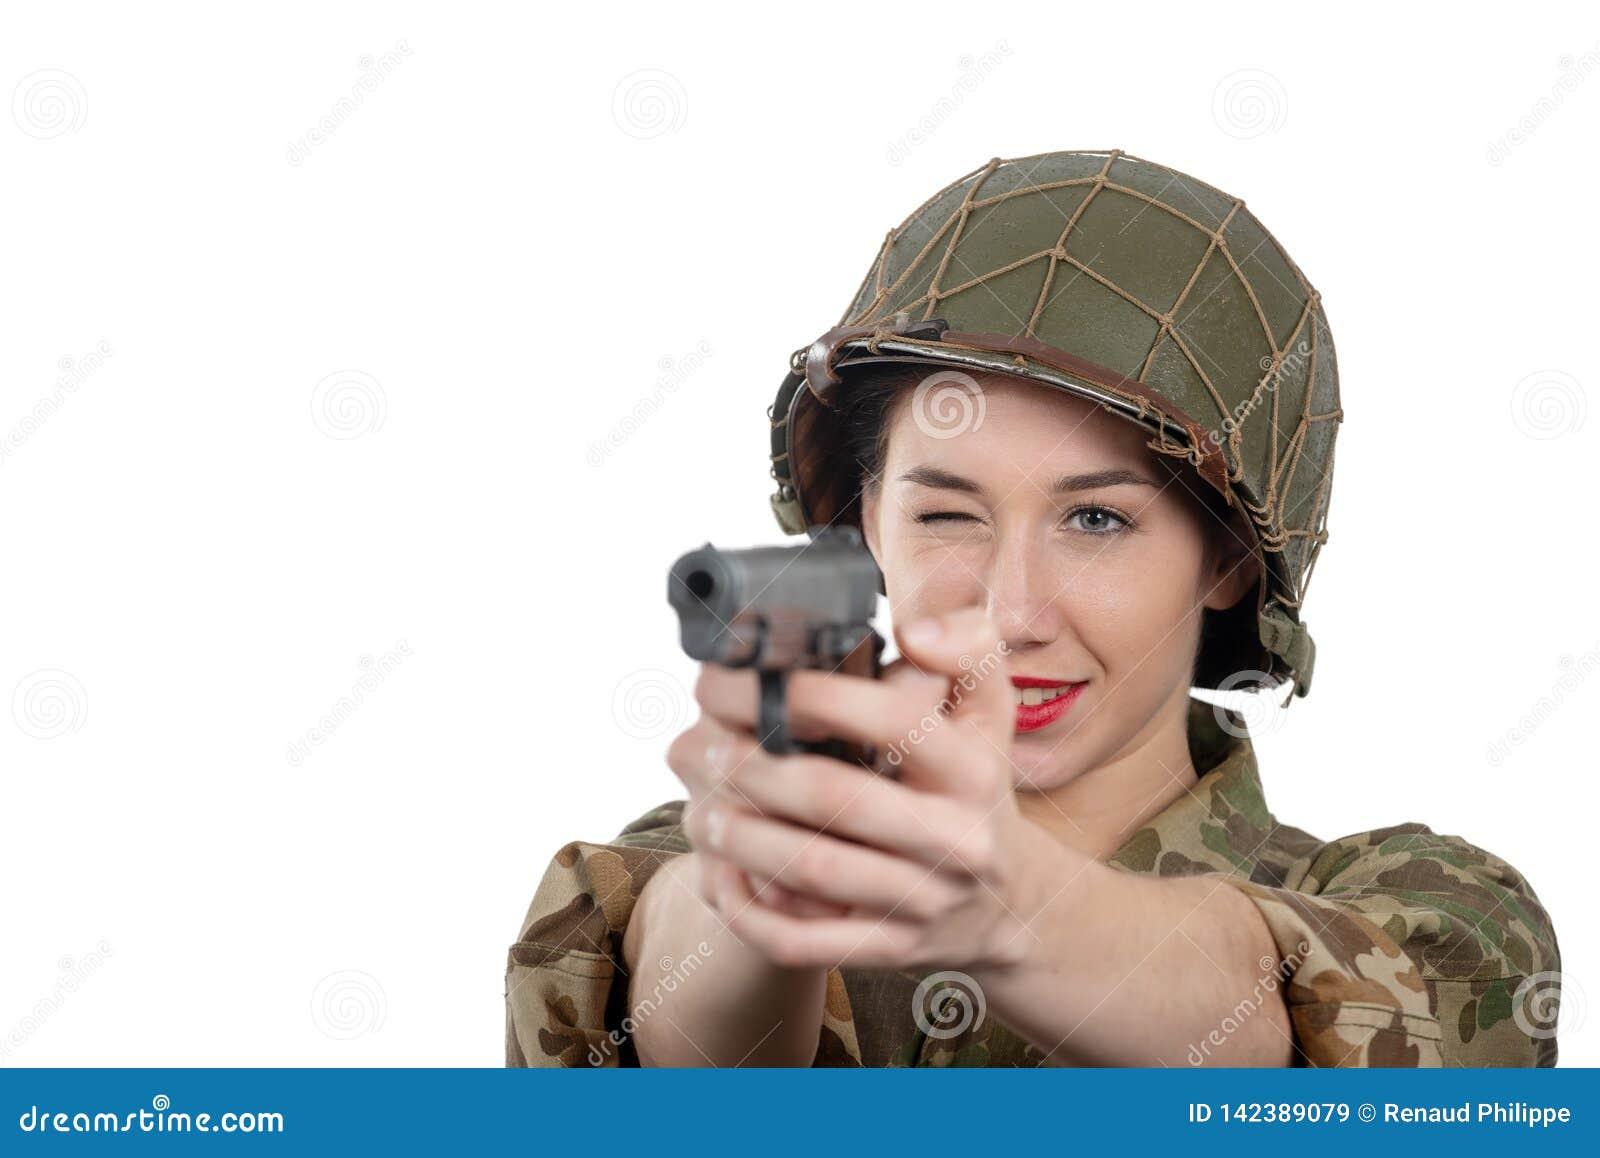 De vrij jonge vrouw kleedde zich in Amerikaanse militaire eenvormig van ww2 met helm en pistool